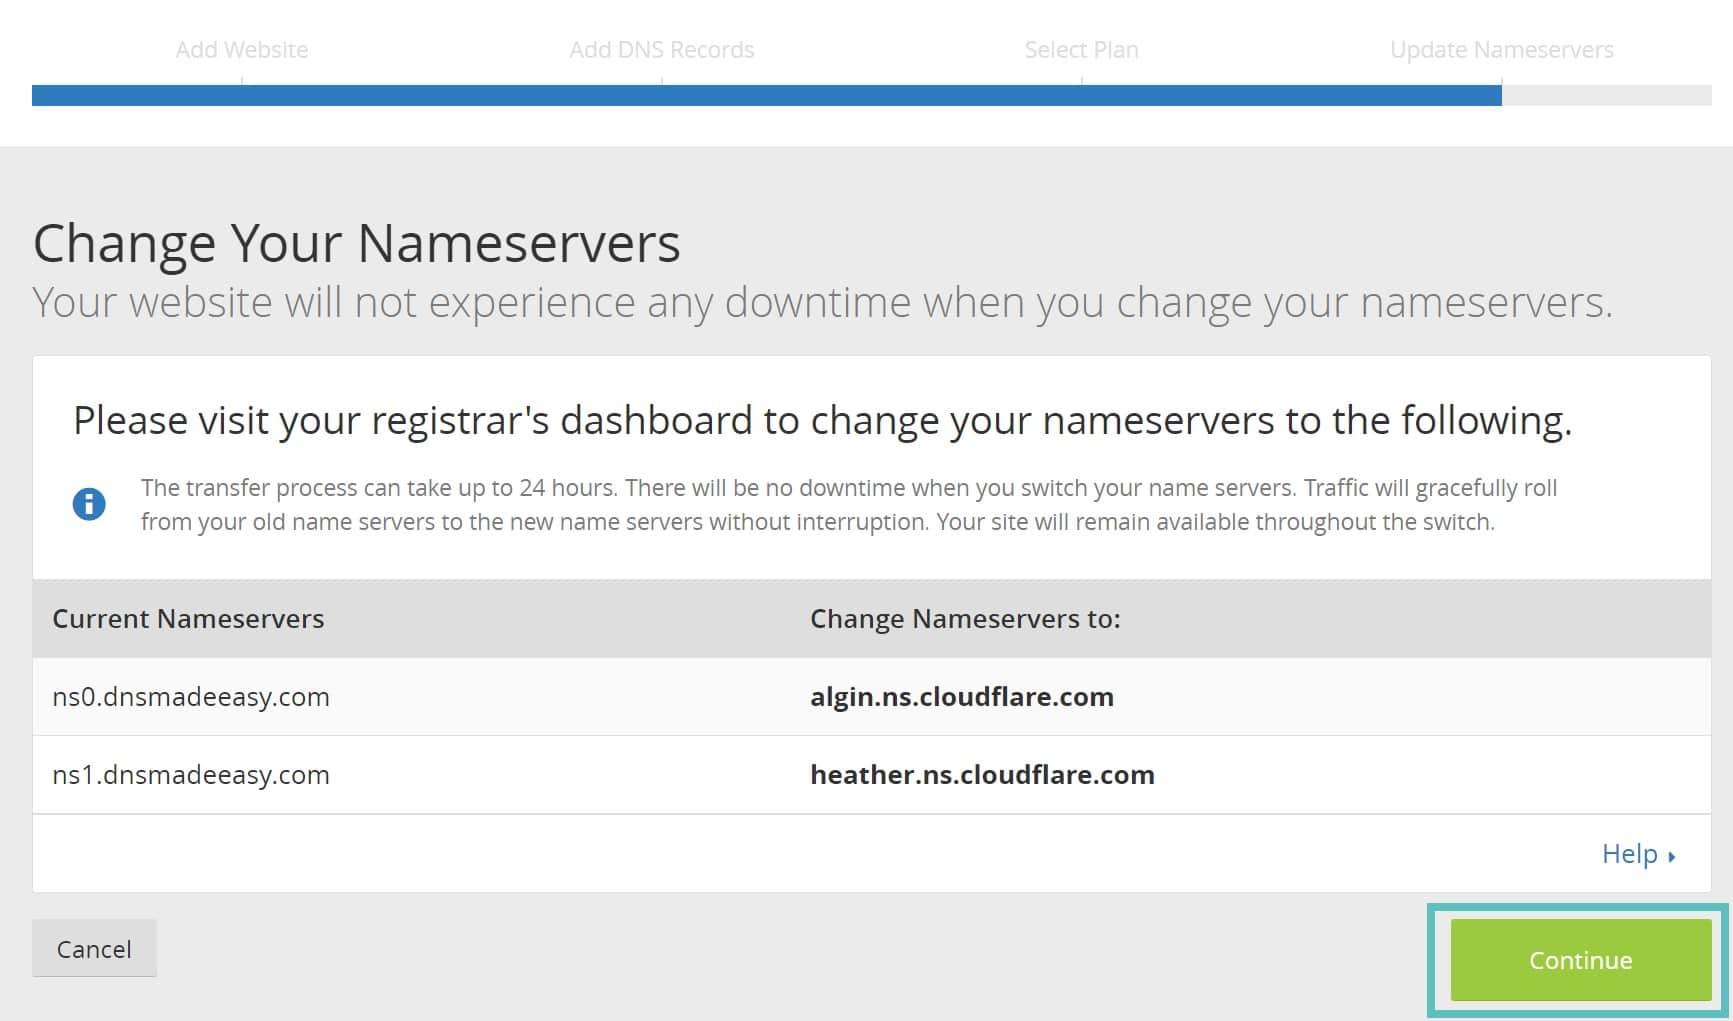 Changement des serveurs de noms pour Cloudflare